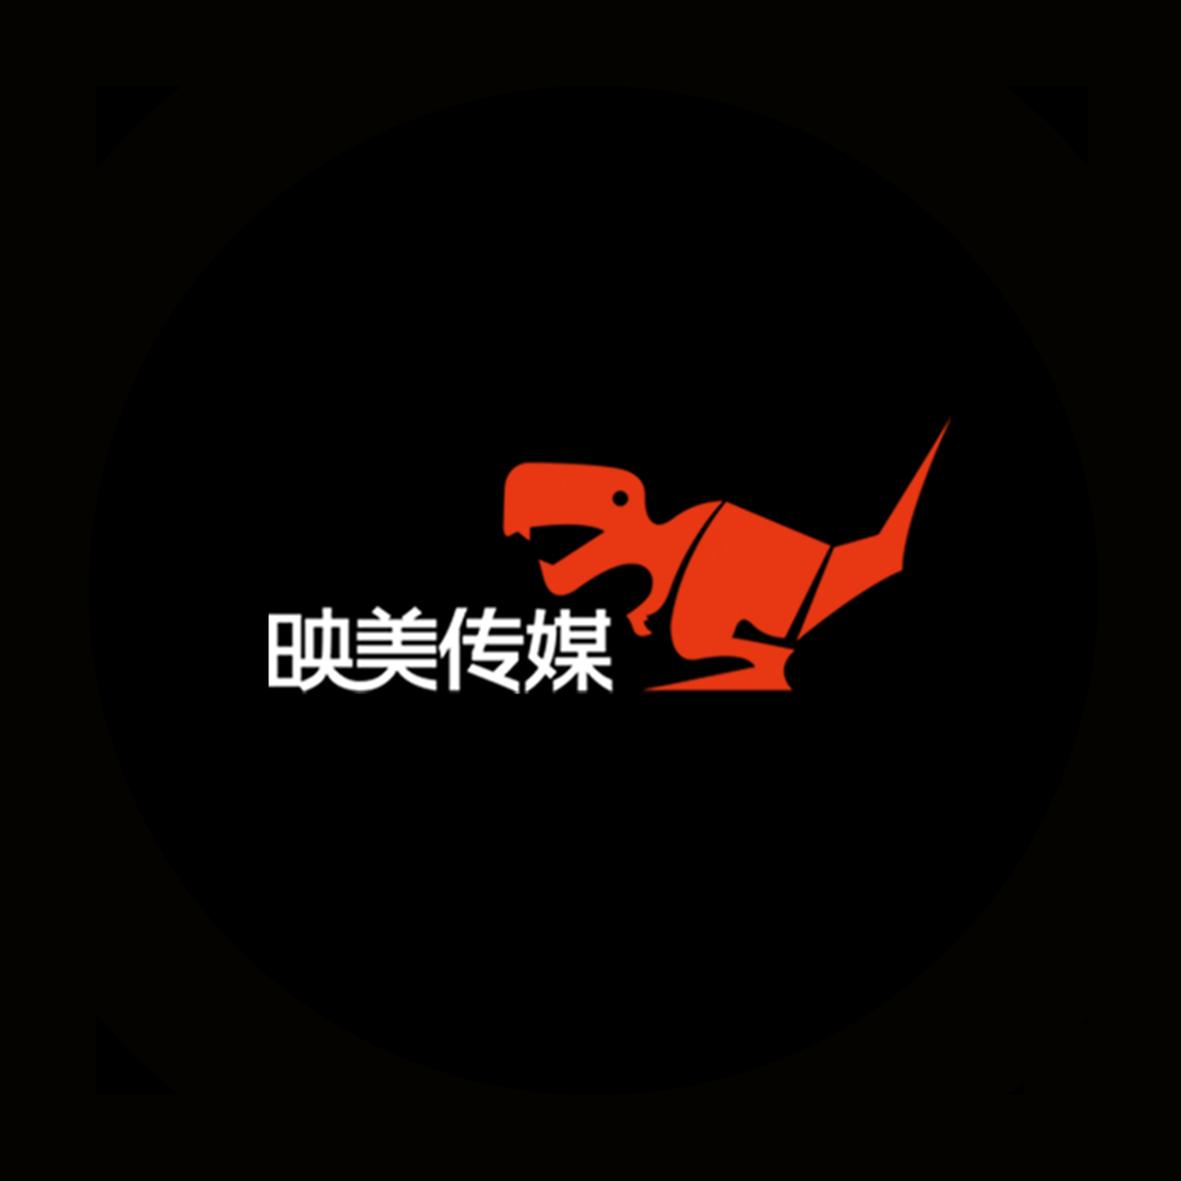 映美传媒.png